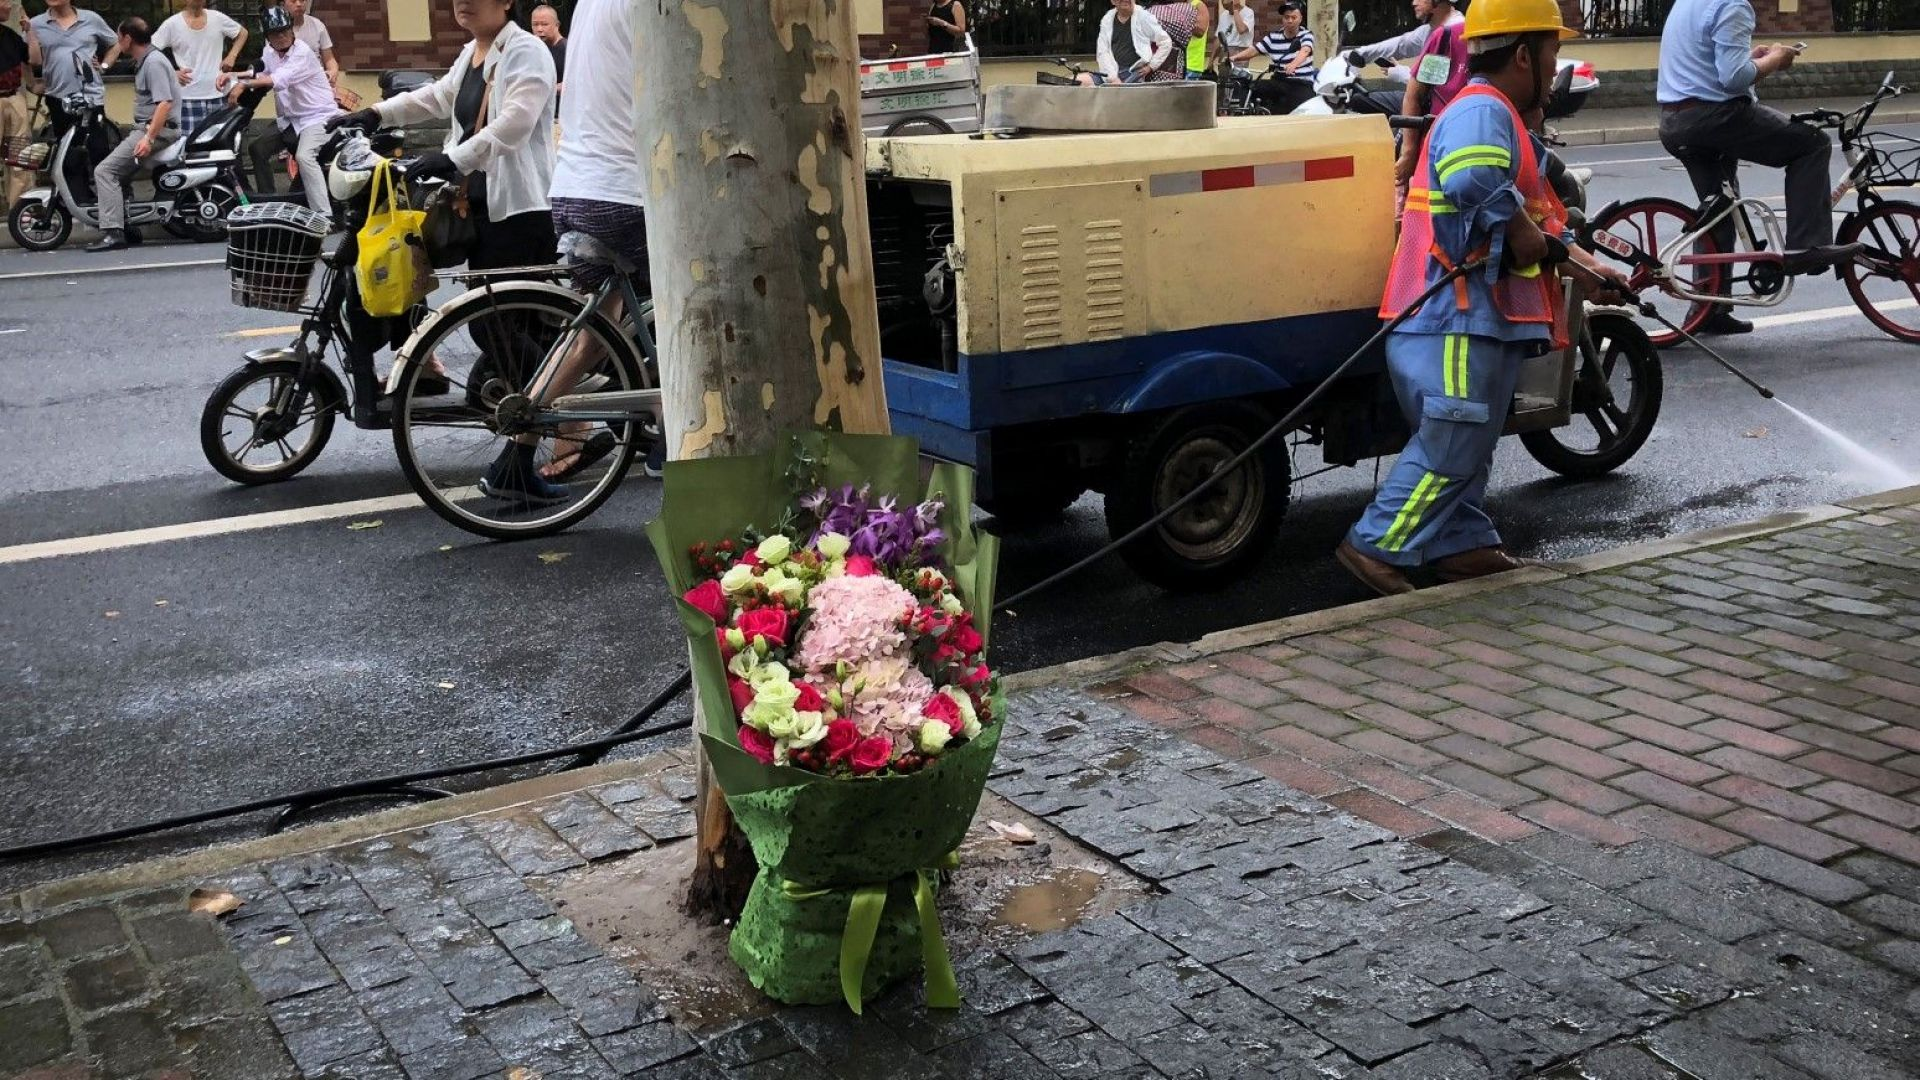 Безработен уби с нож две деца в Шанхай, за да отмъсти на обществото